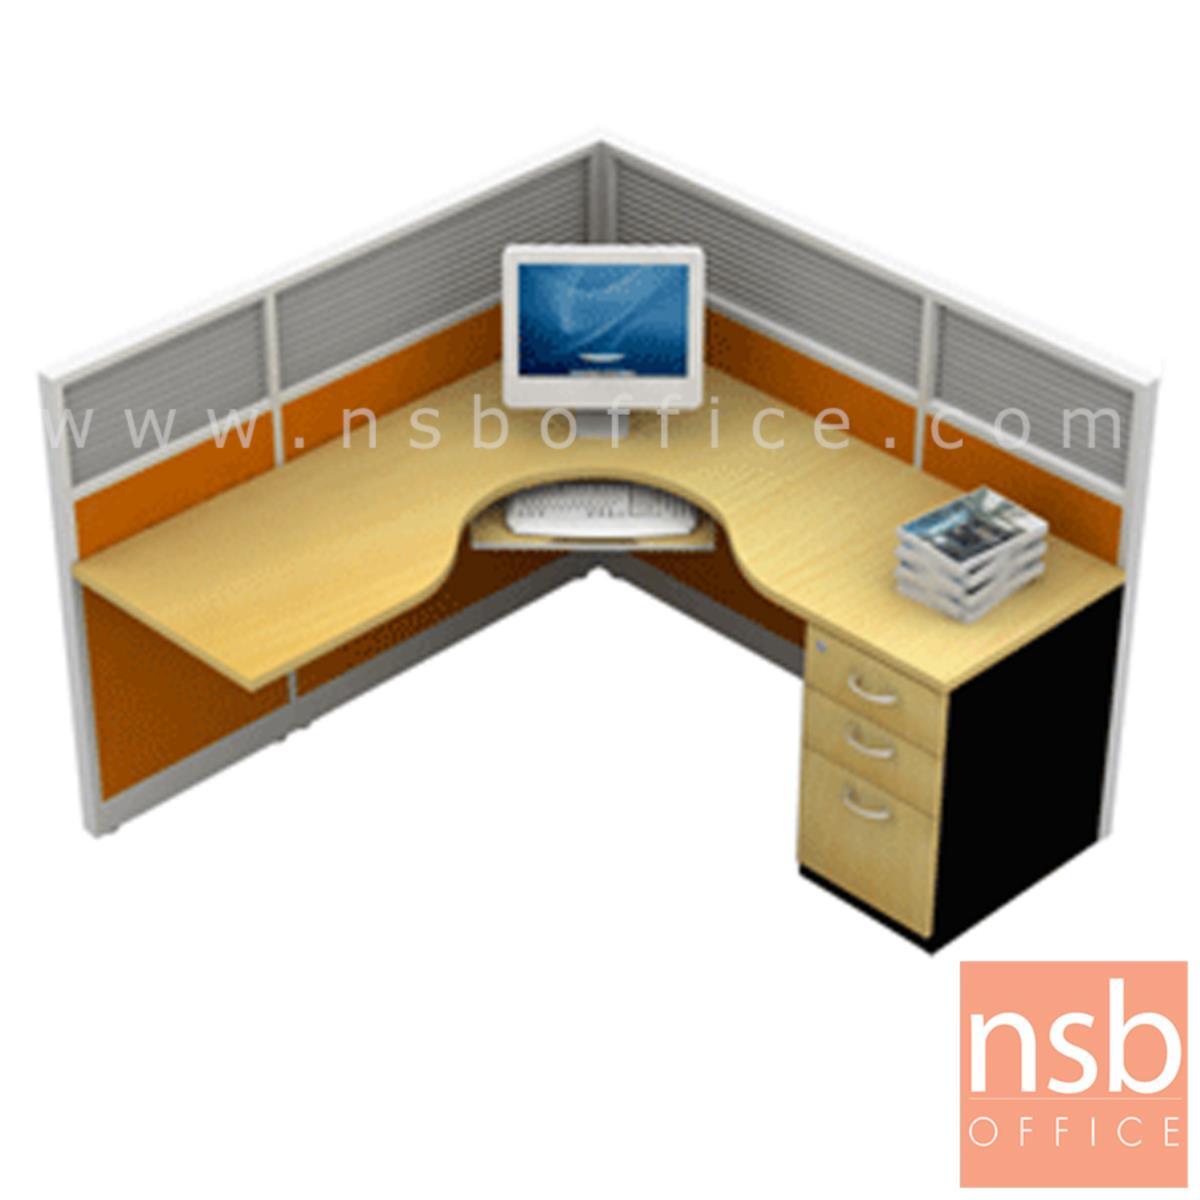 A04A040:ชุดโต๊ะทำงานตัวแอล 1 ที่นั่ง   ขนาด 166W cm. พร้อมพาร์ทิชั่น Hybrid